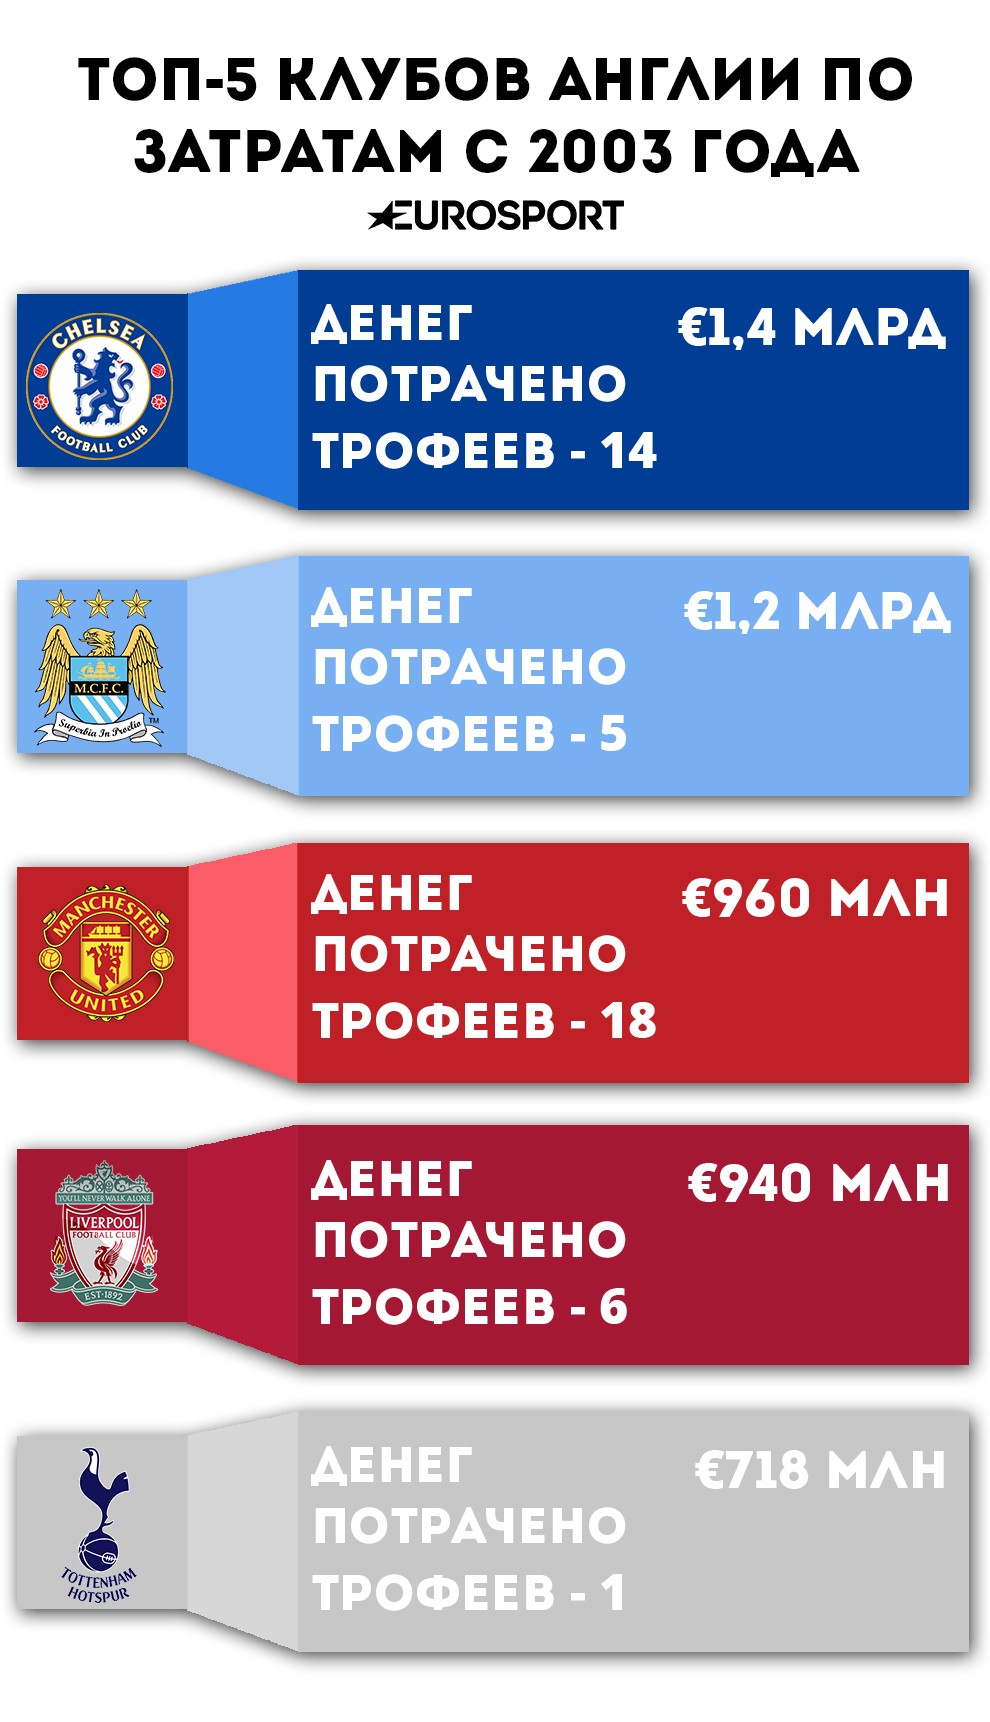 Затраты и трофеи клубов Англии